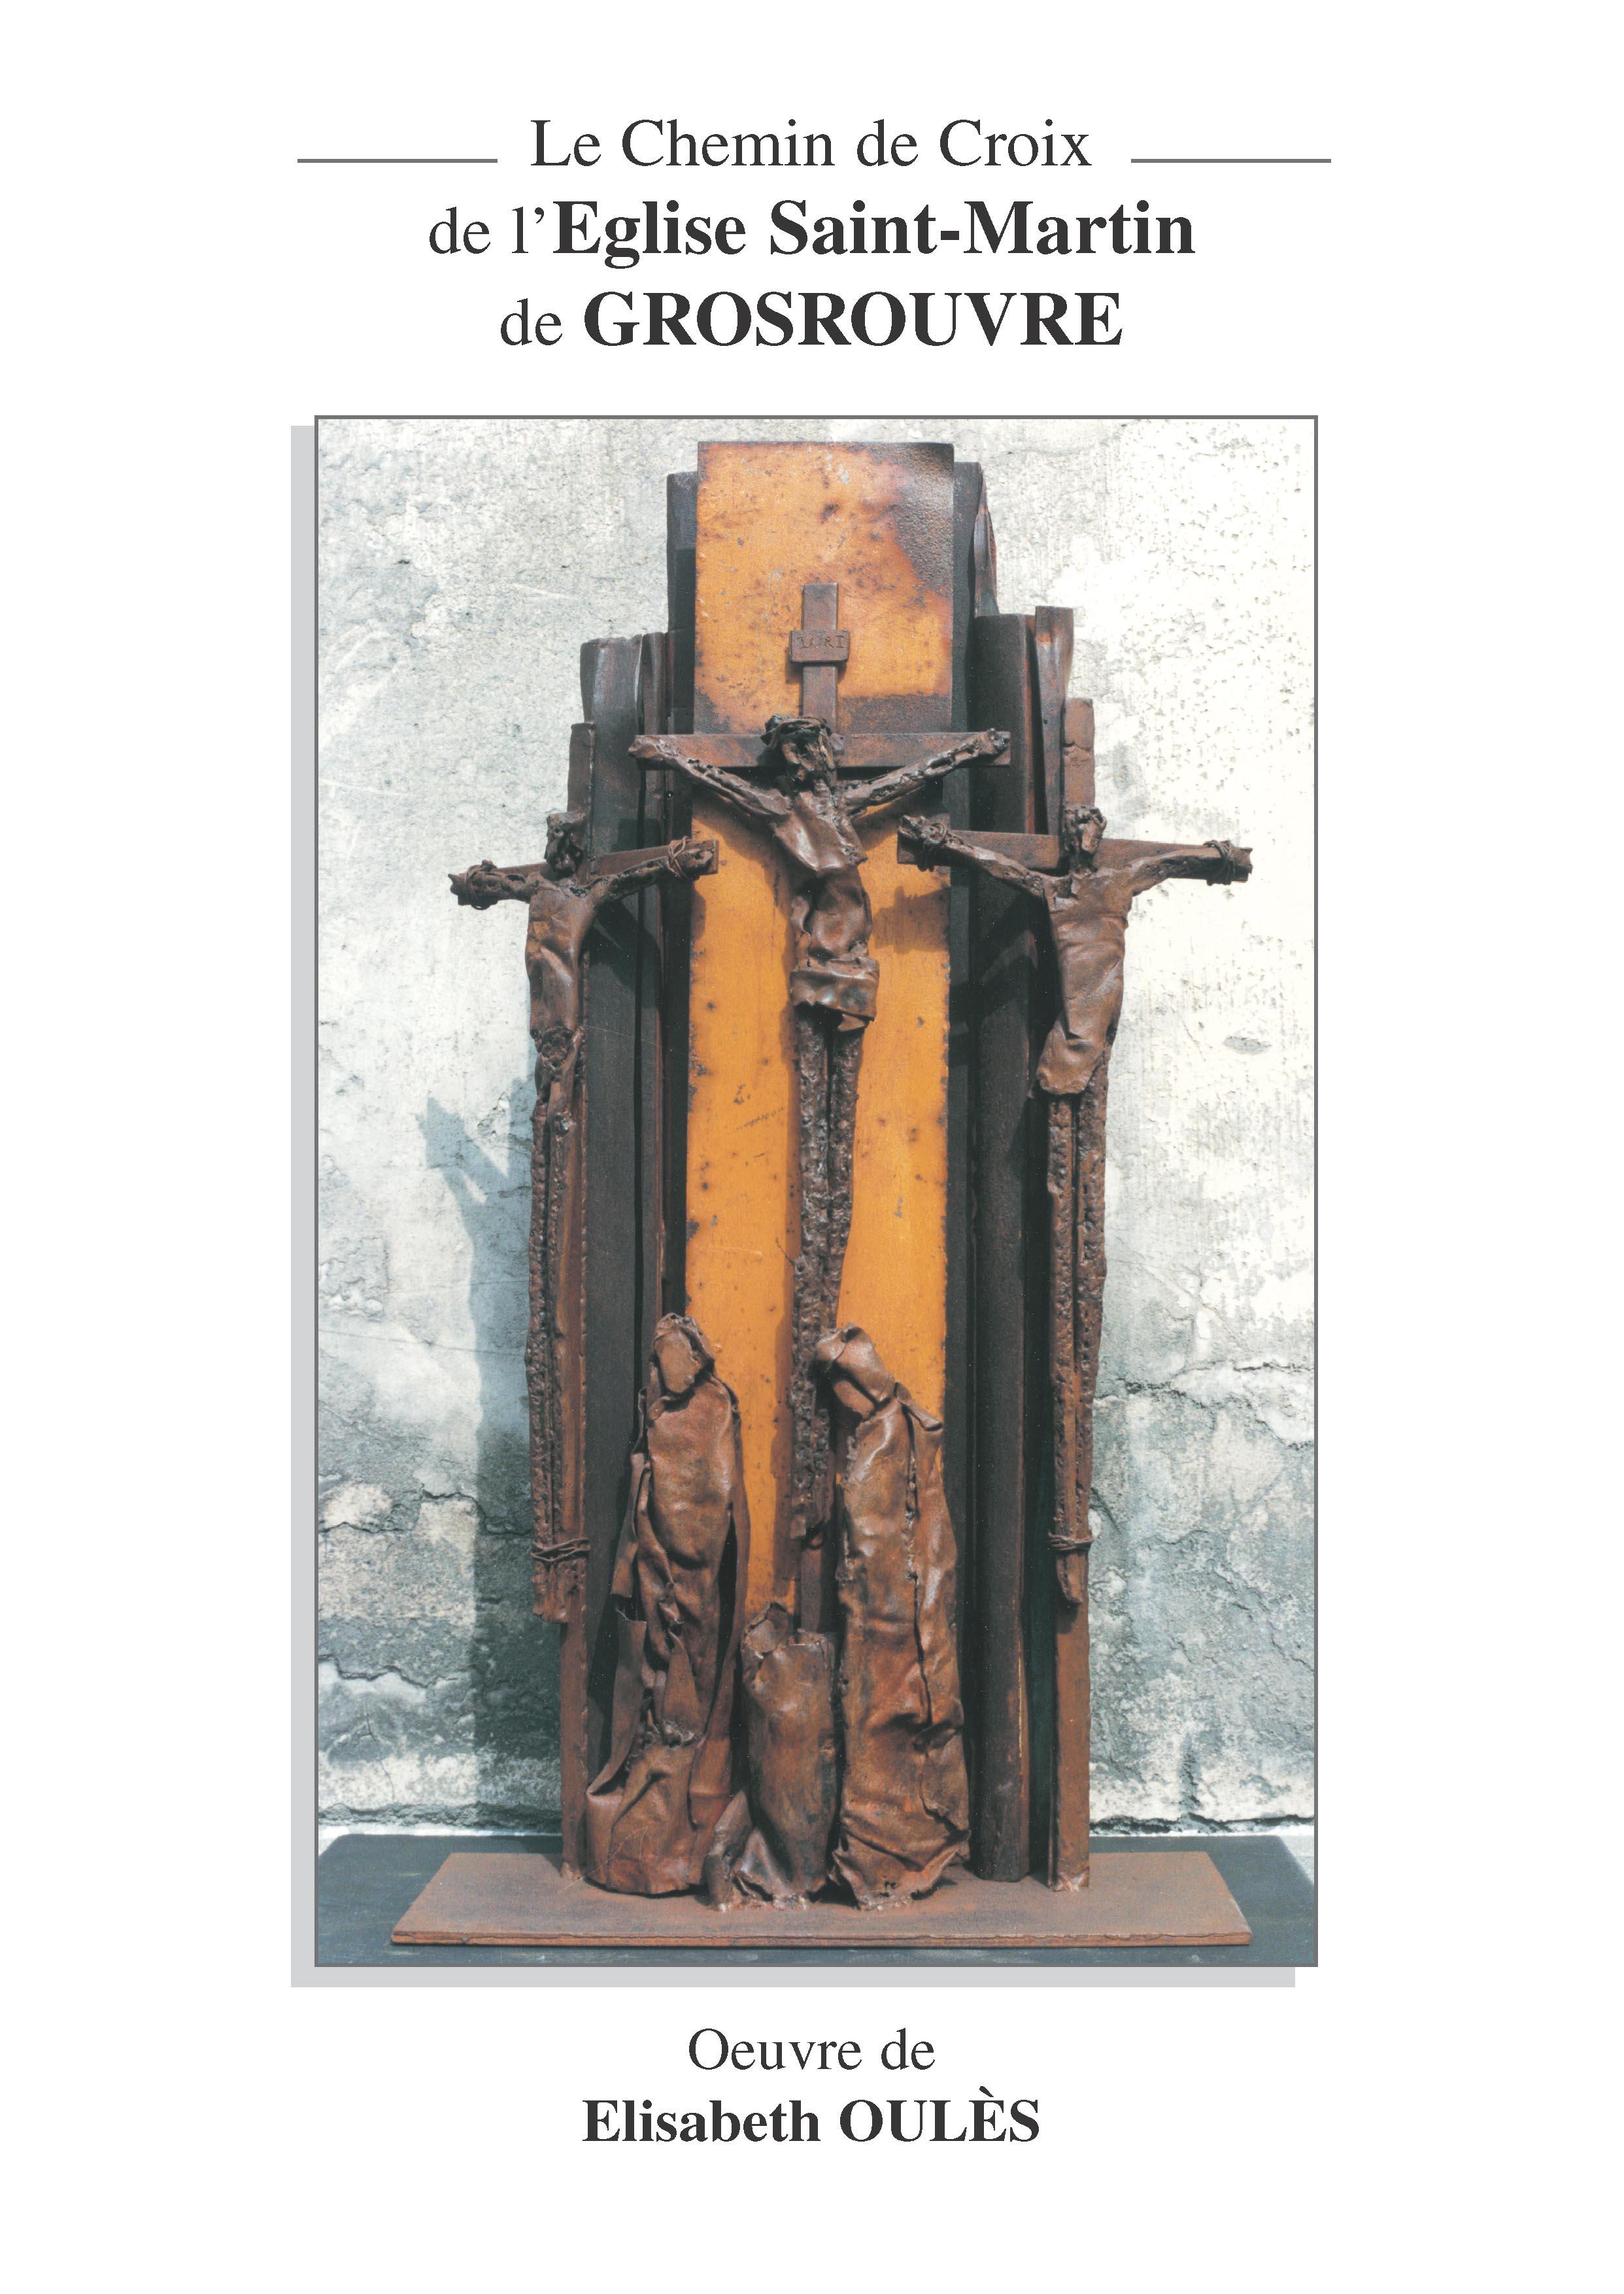 couv-chemin-croix